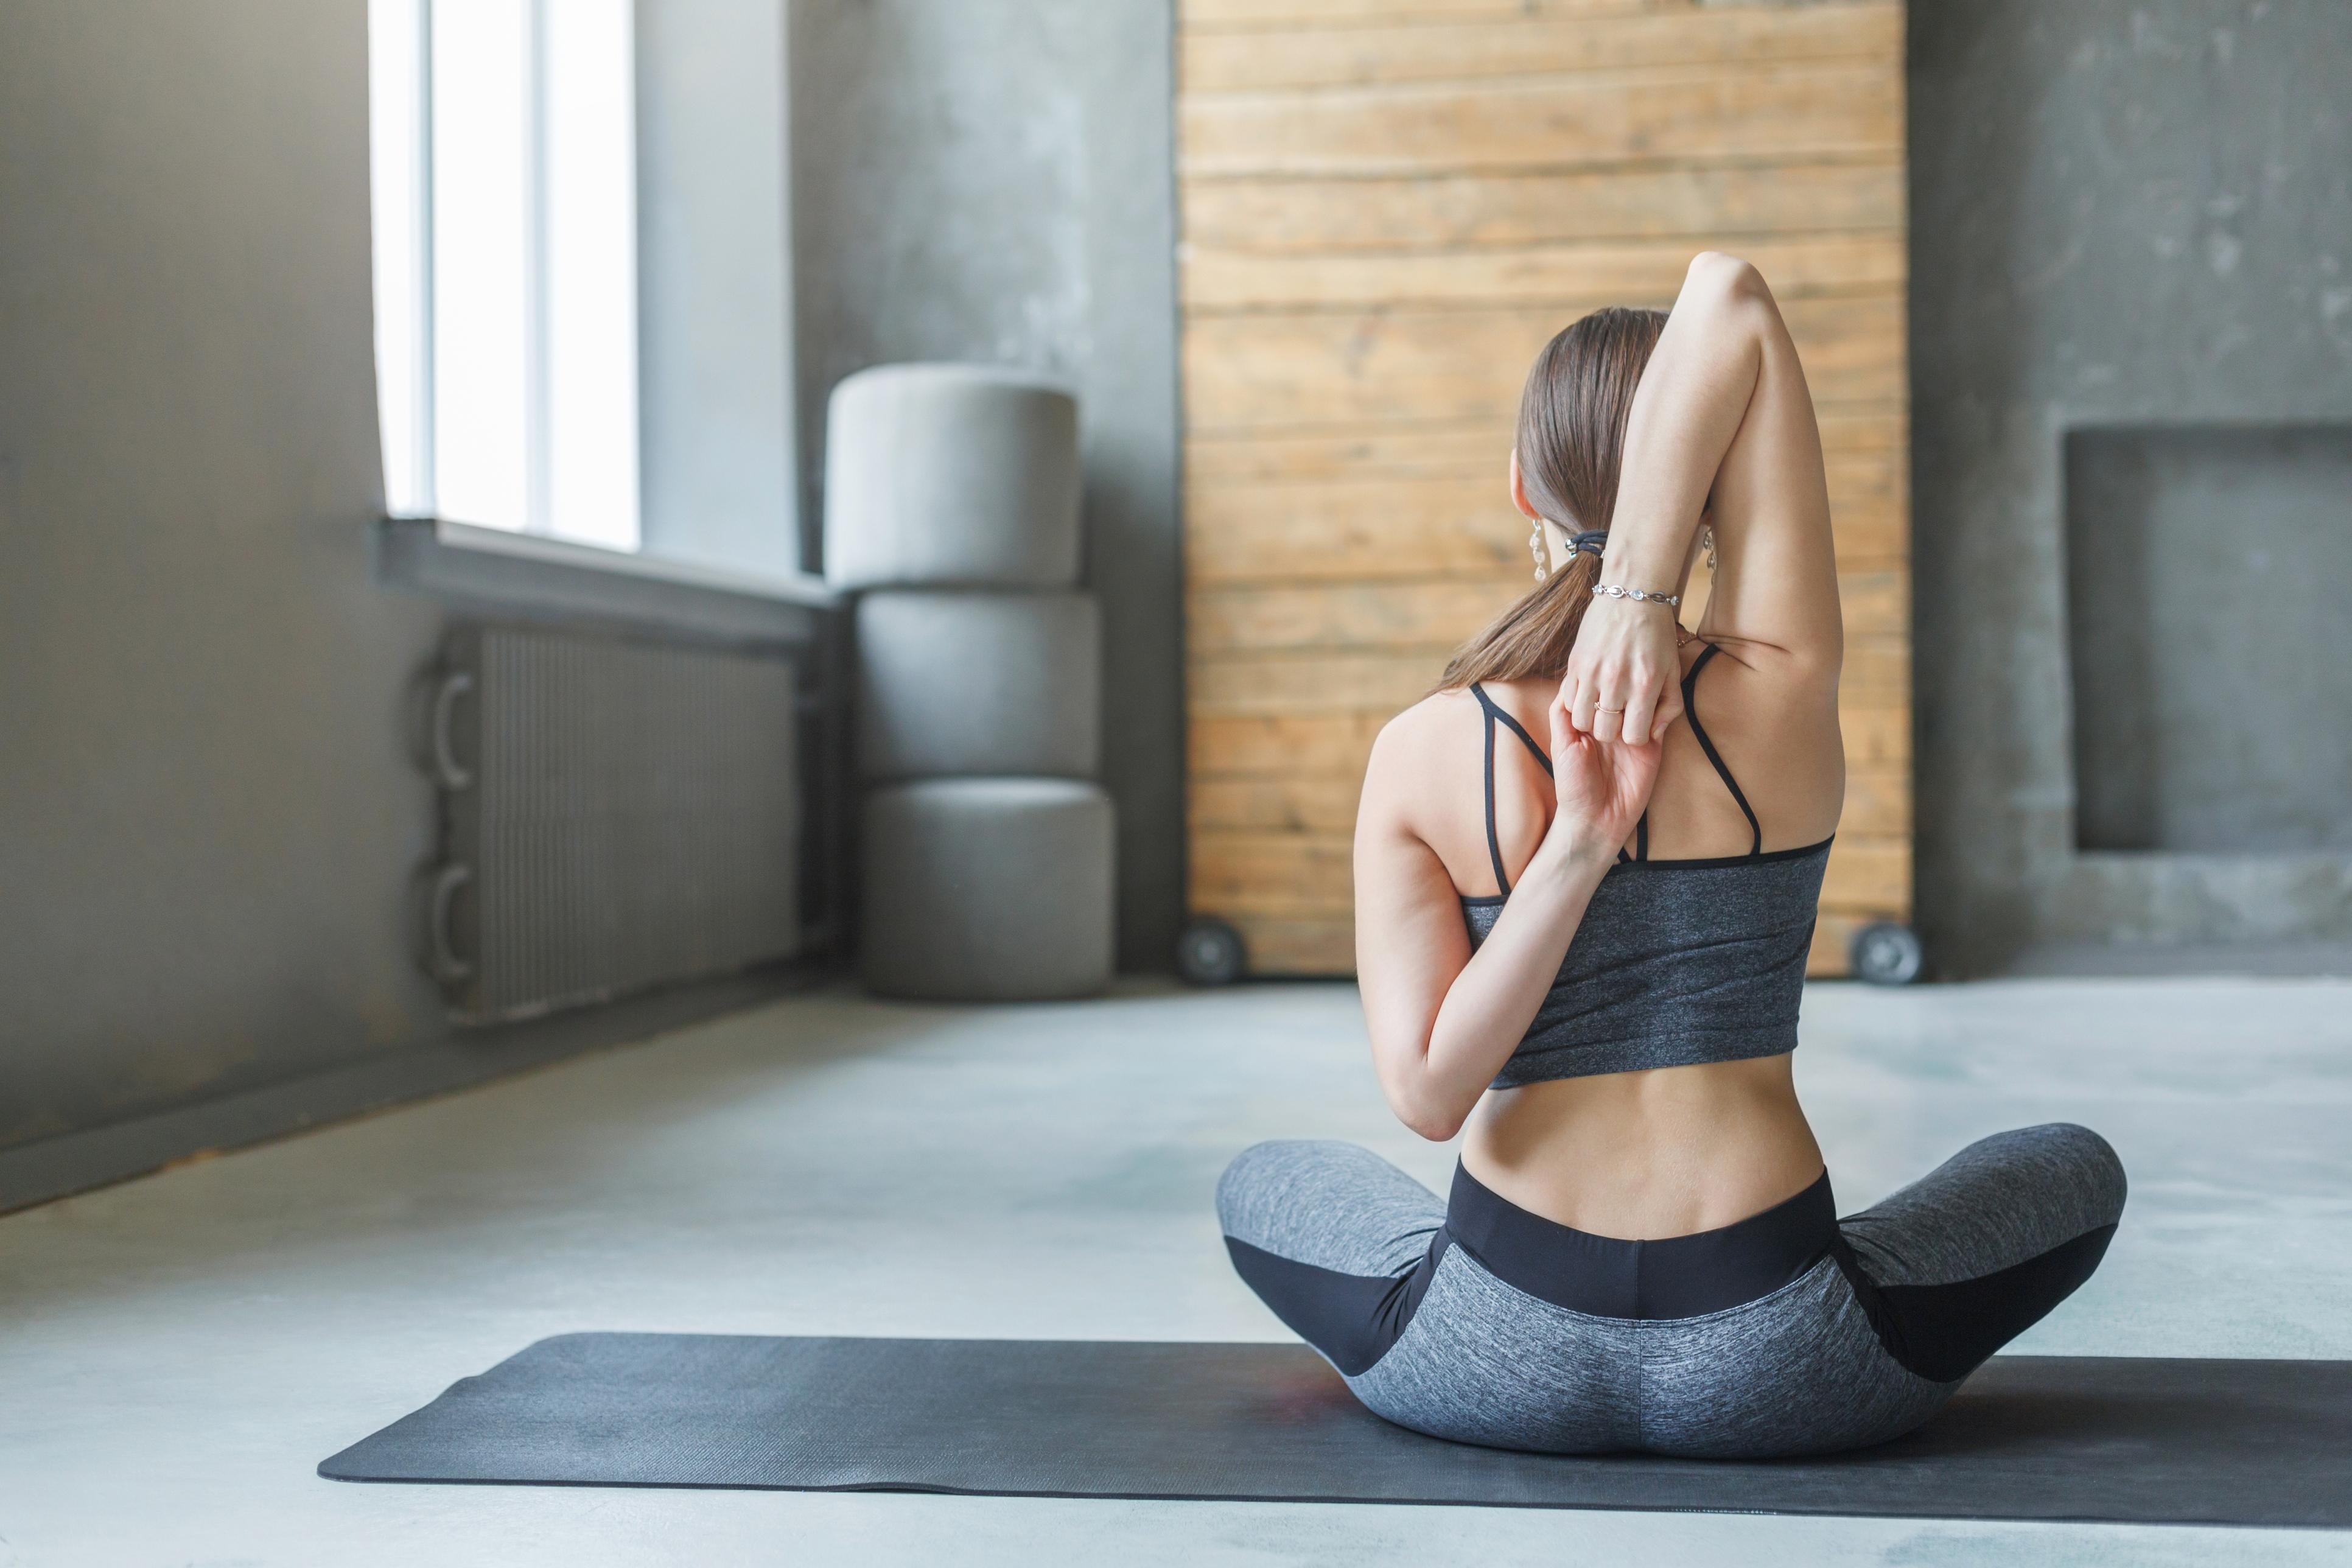 12 розтяжок, які допоможуть розслабити плечі